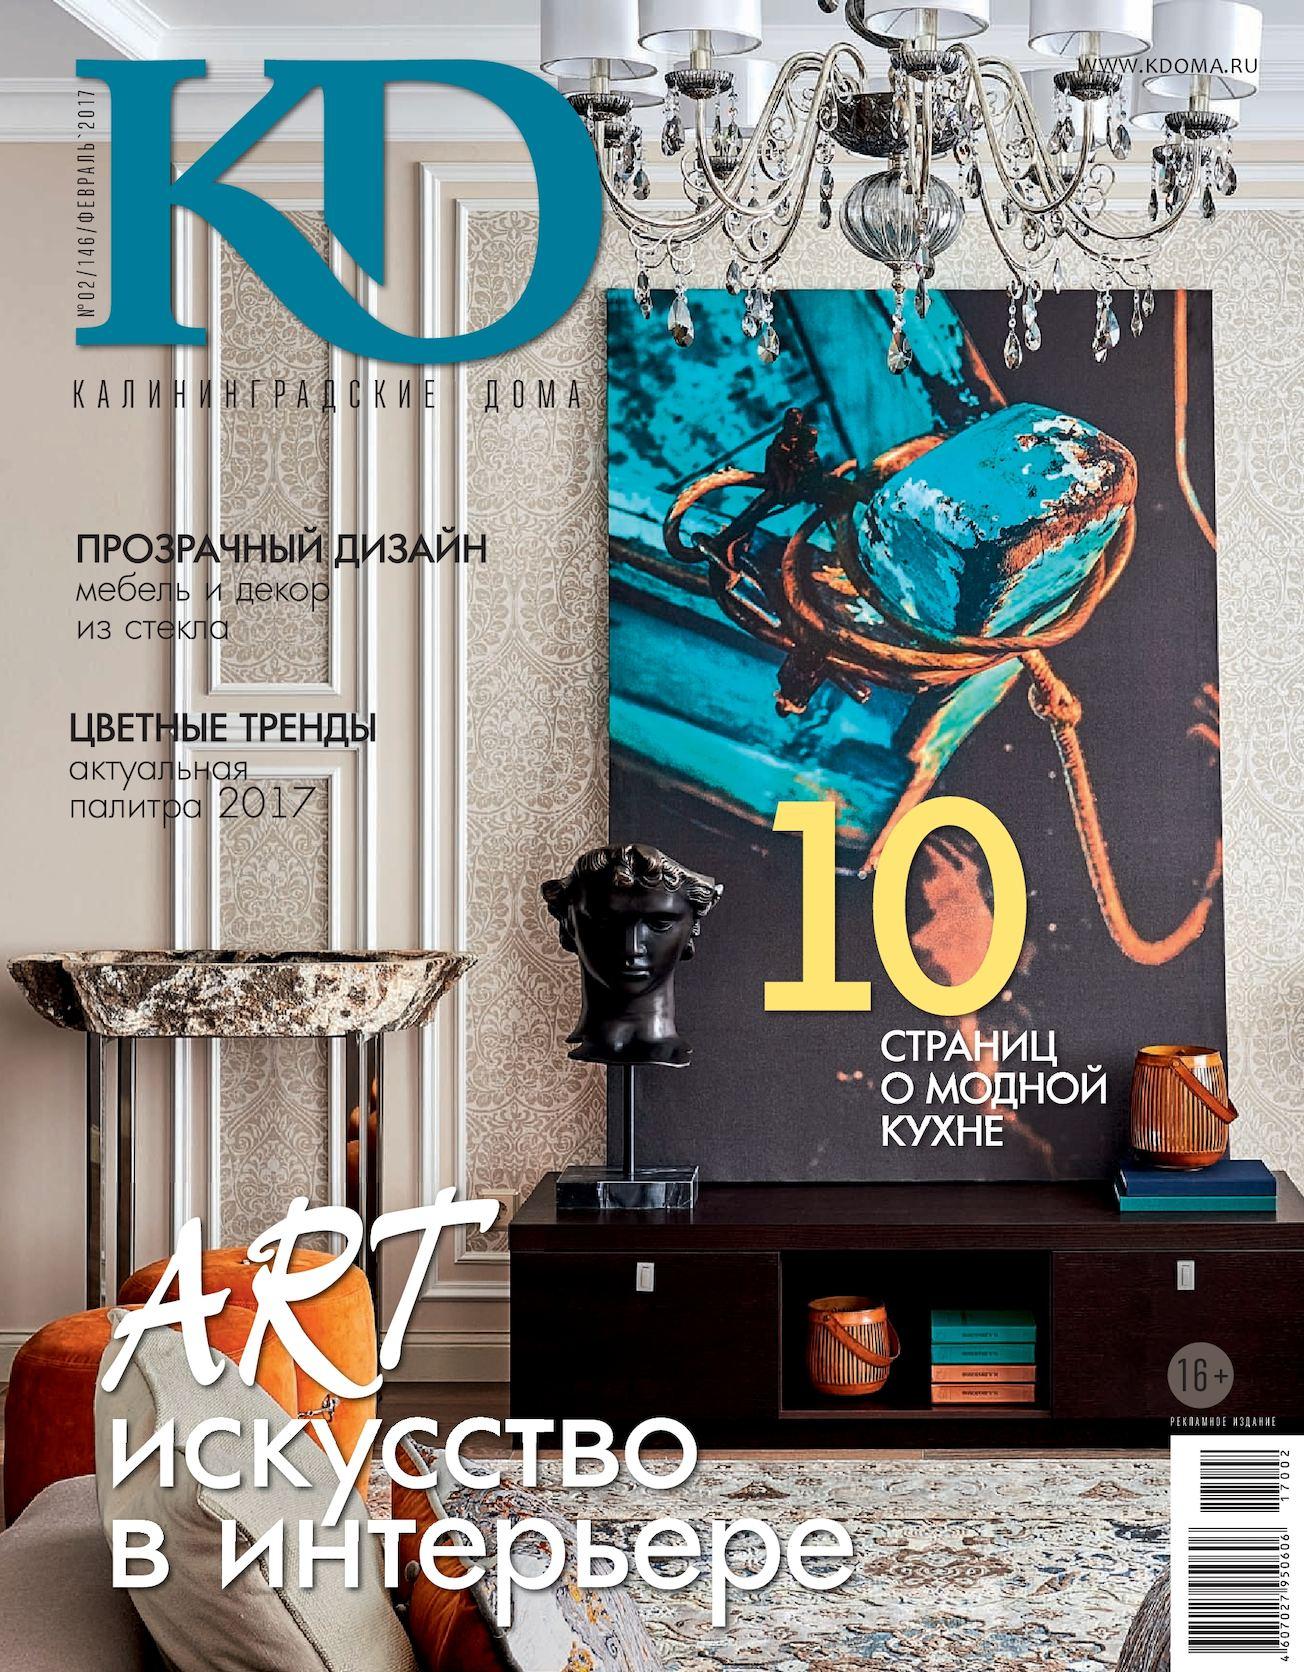 Калининградские дома №02 (146) февраль 2017